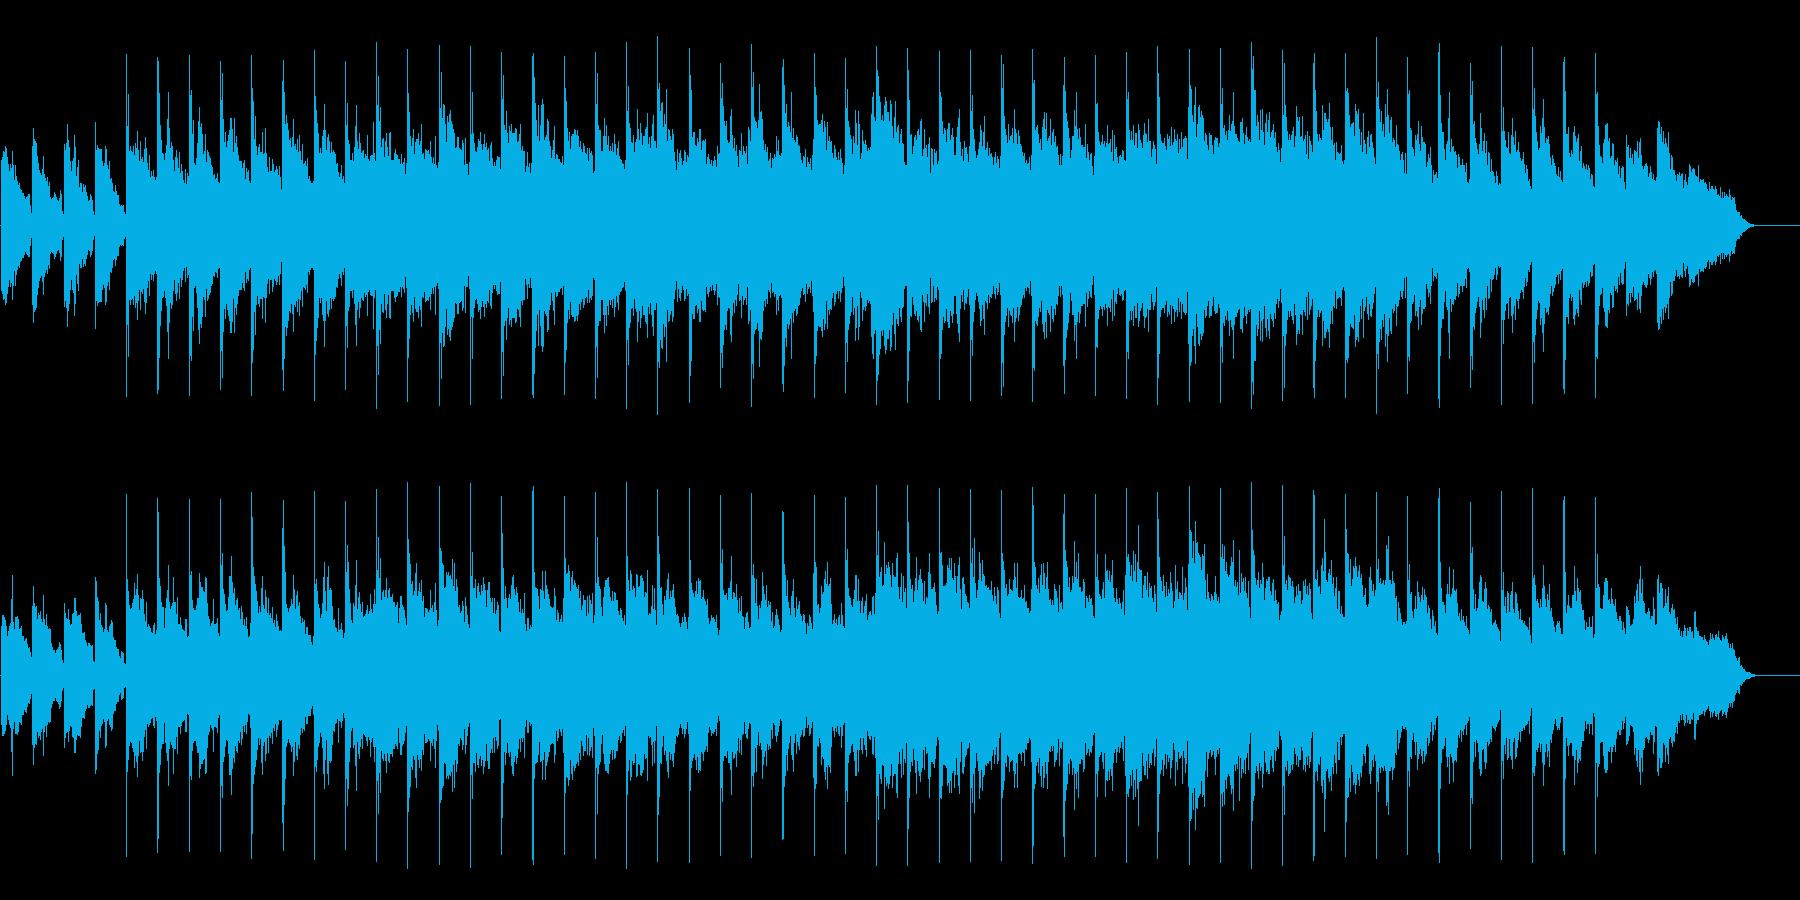 感動のドキュメントBG/環境の再生済みの波形